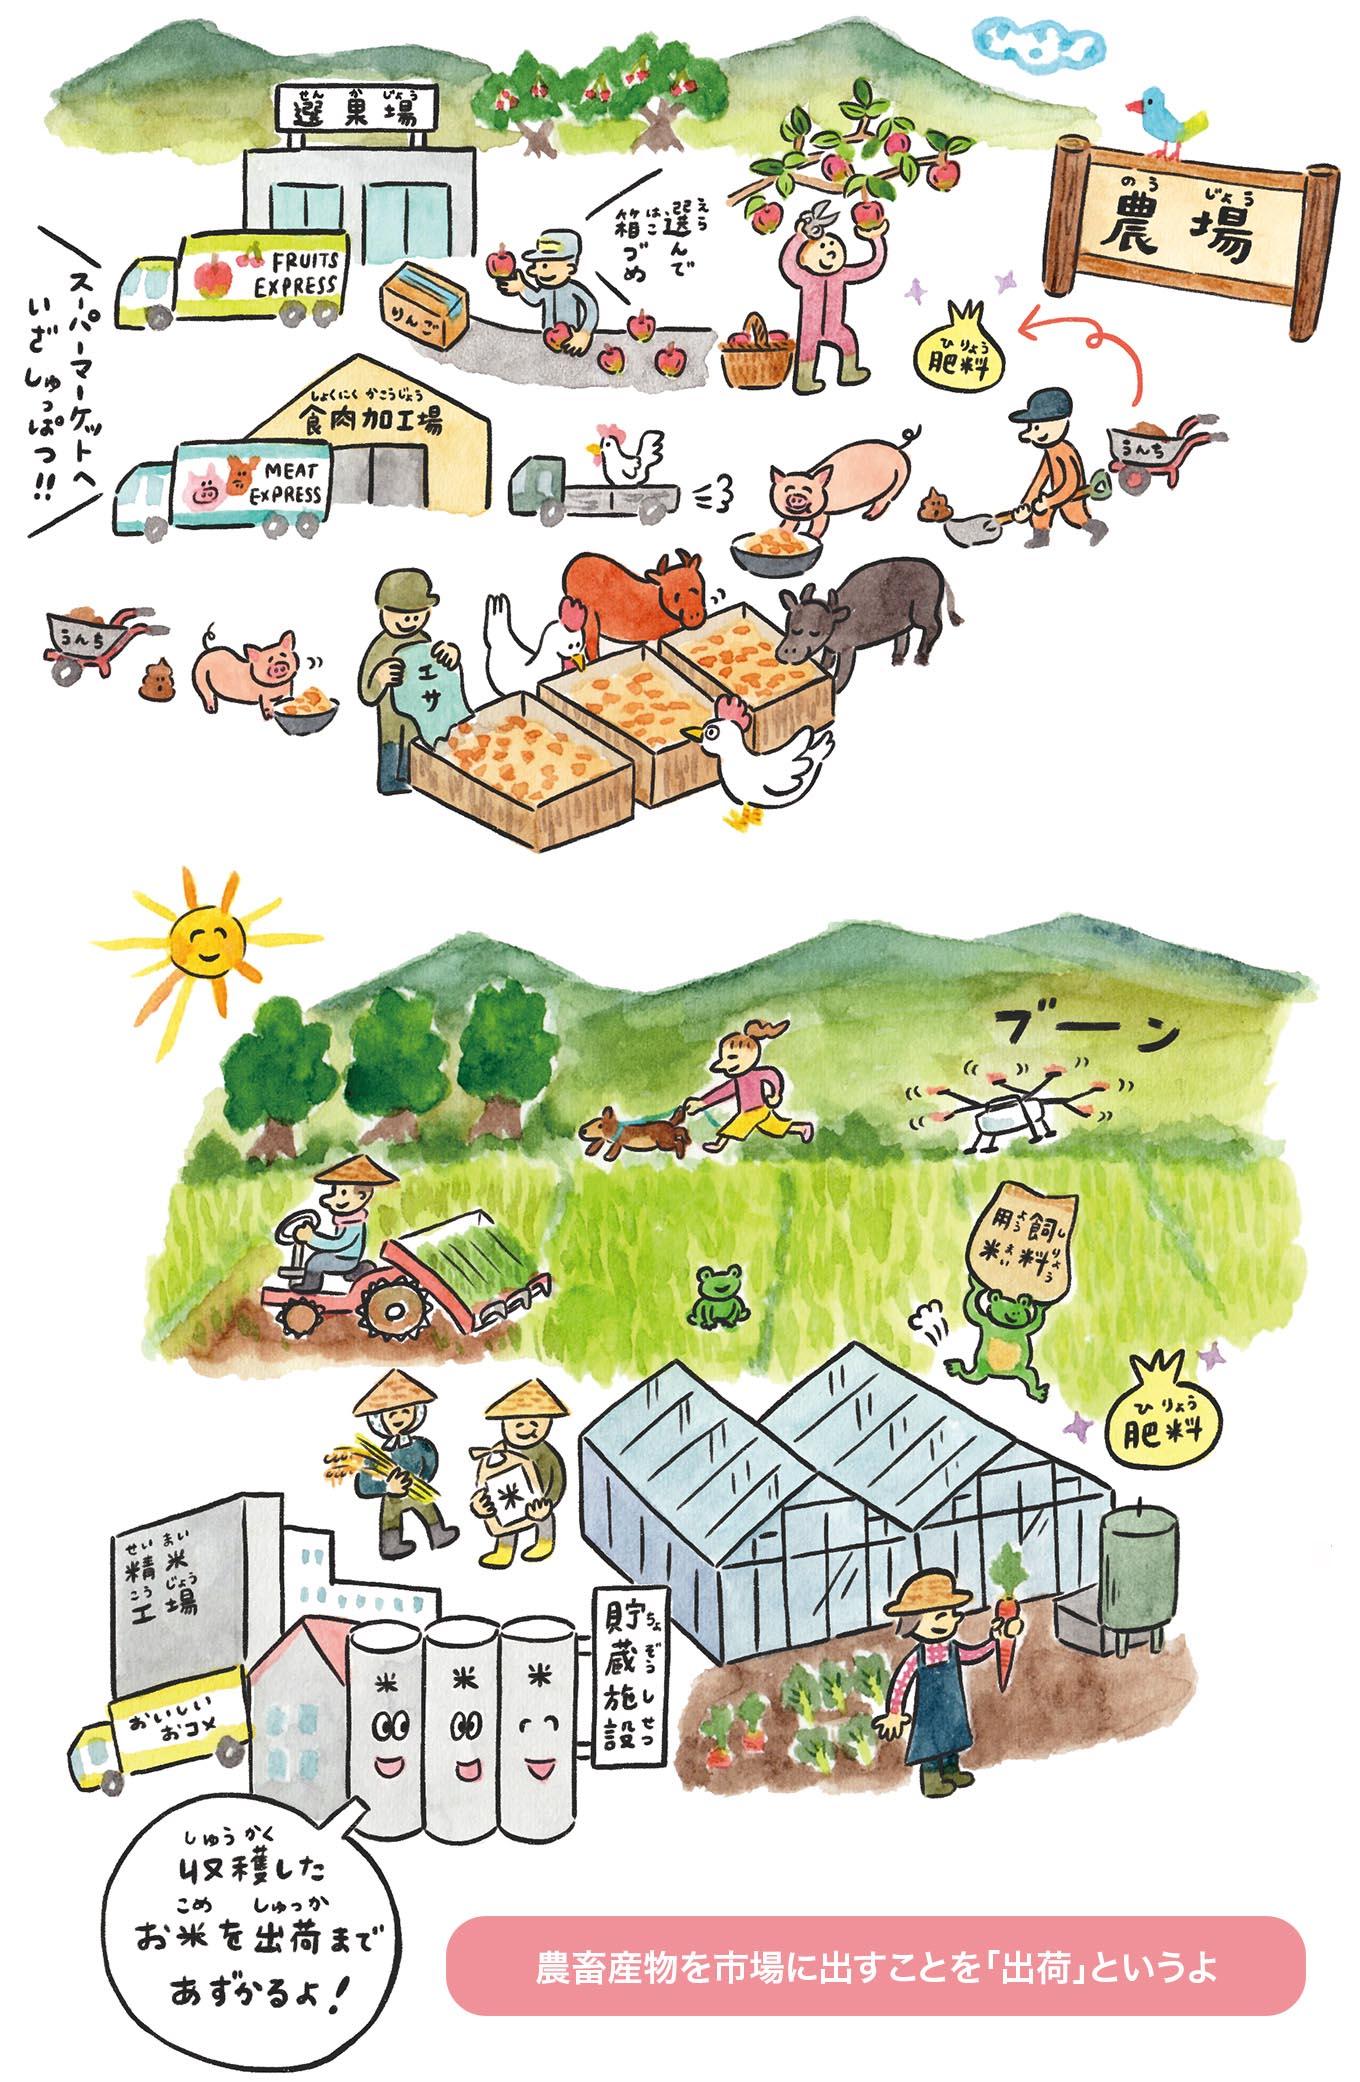 家畜や農作物を育てる